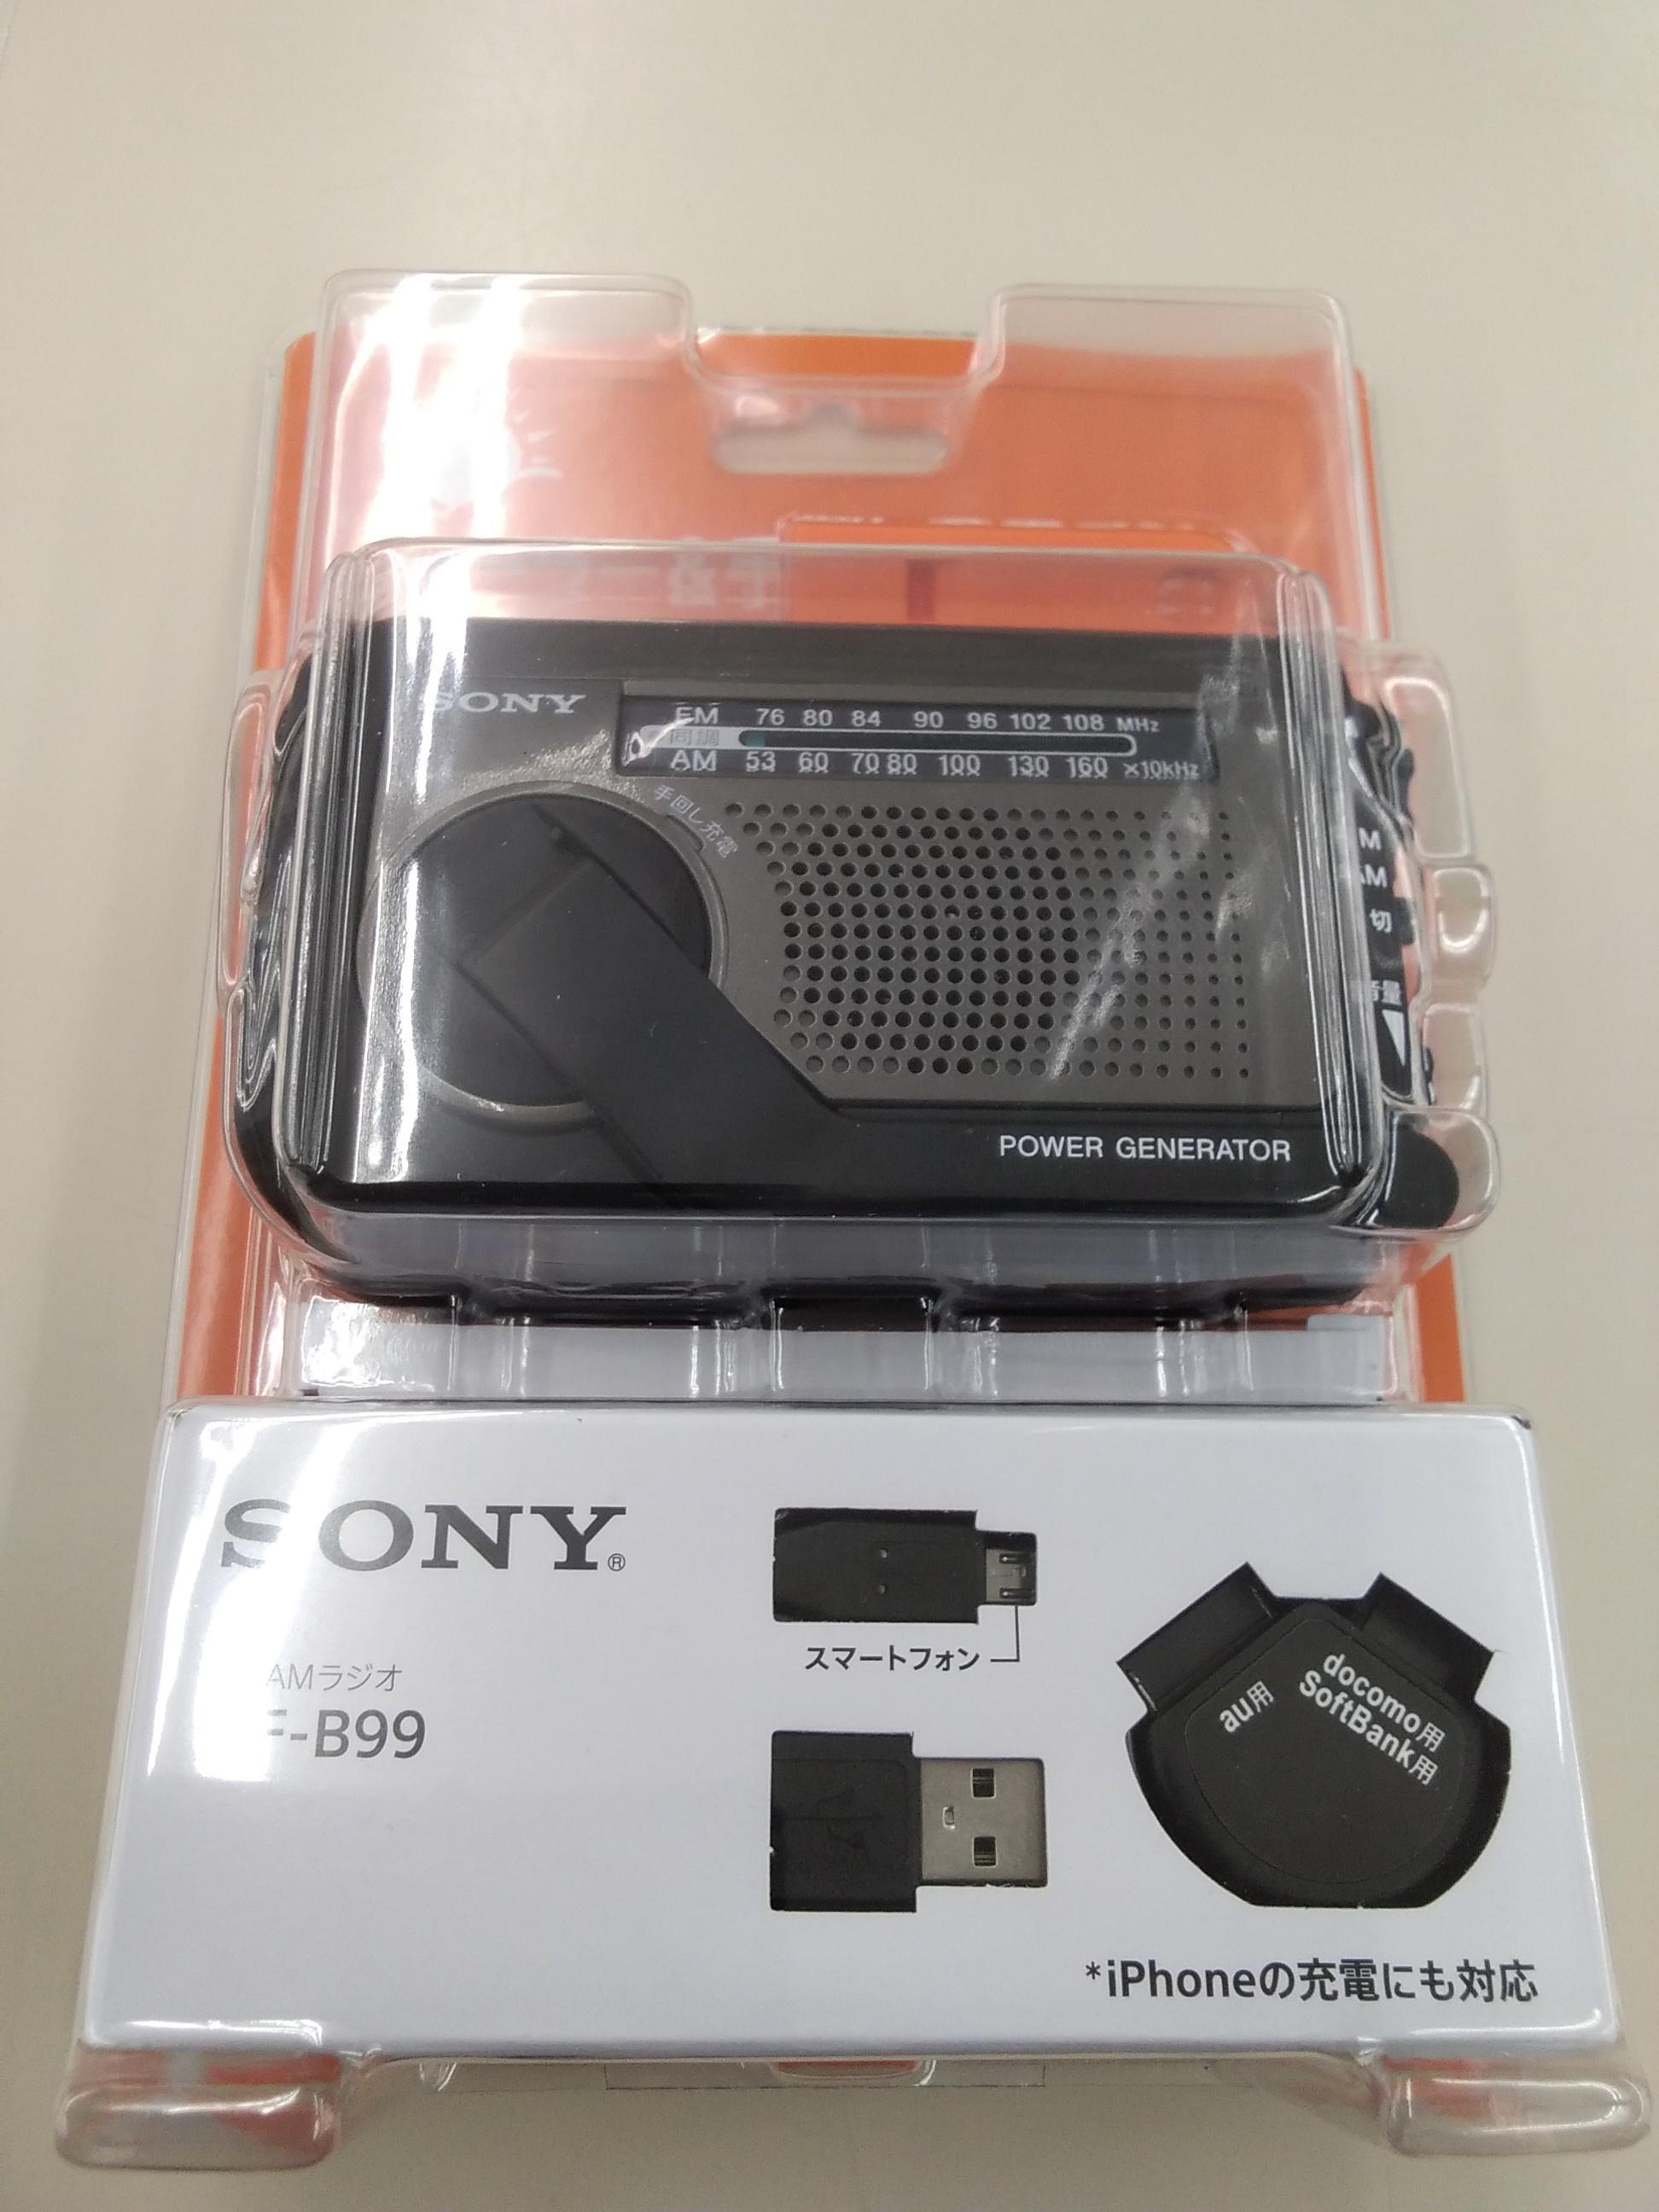 手回し充電ラジオ/ICF-B99|SONY